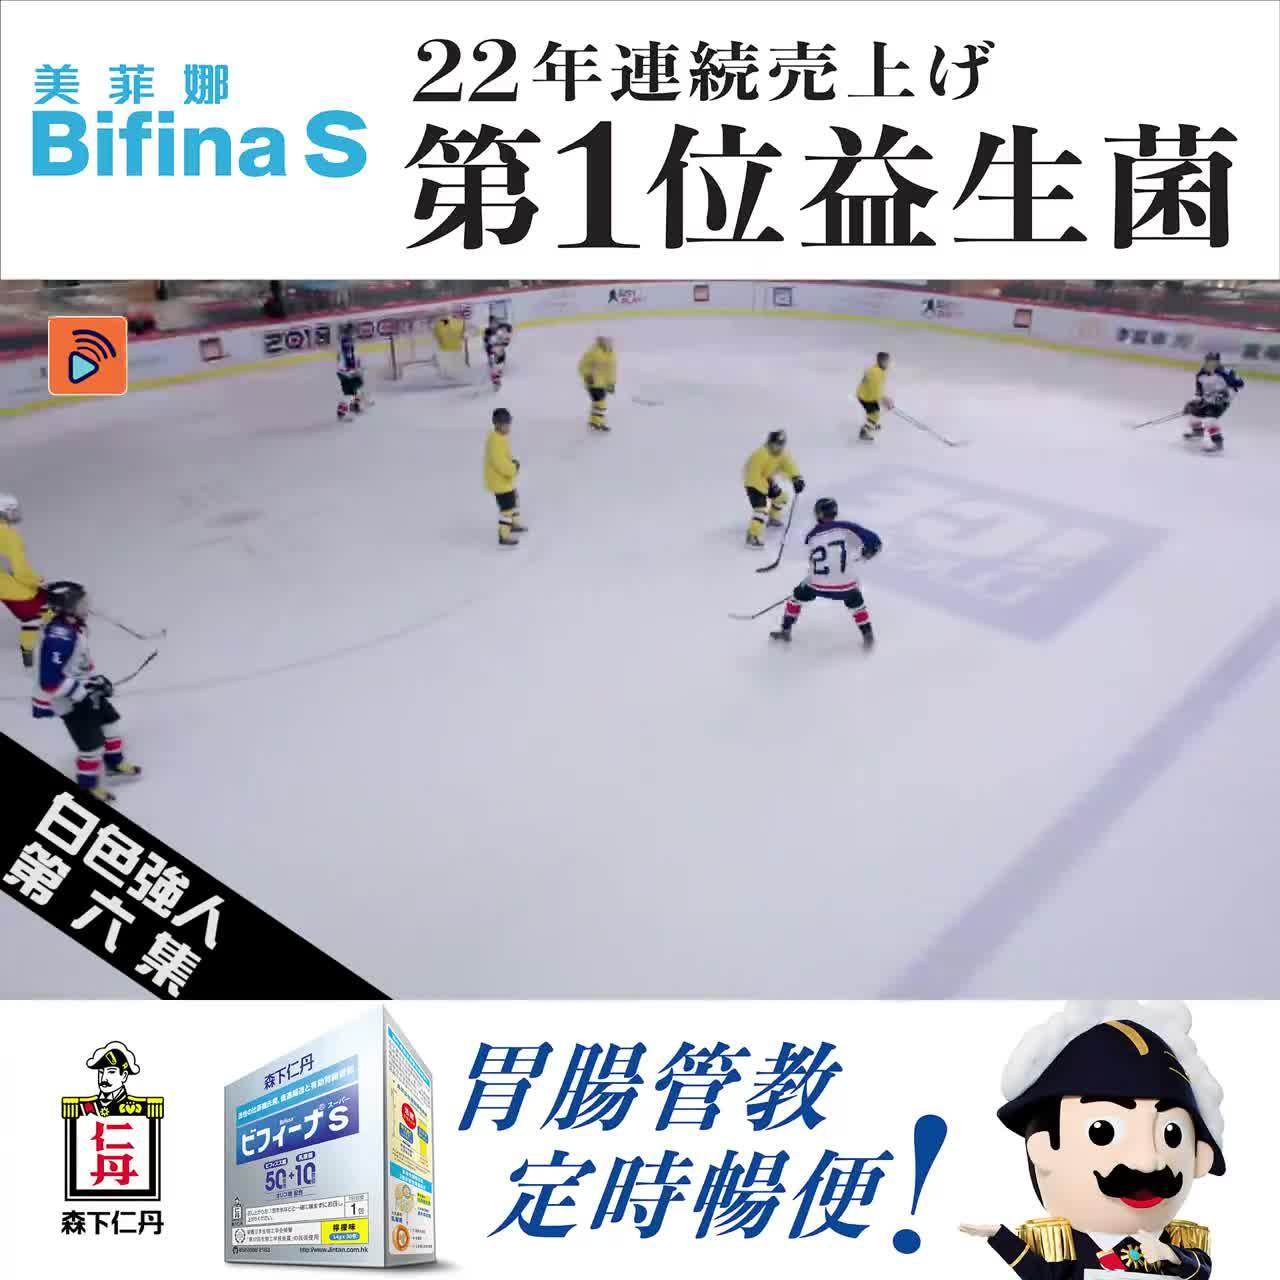 馬國明冰上曲棍球 有姿勢有實際?!